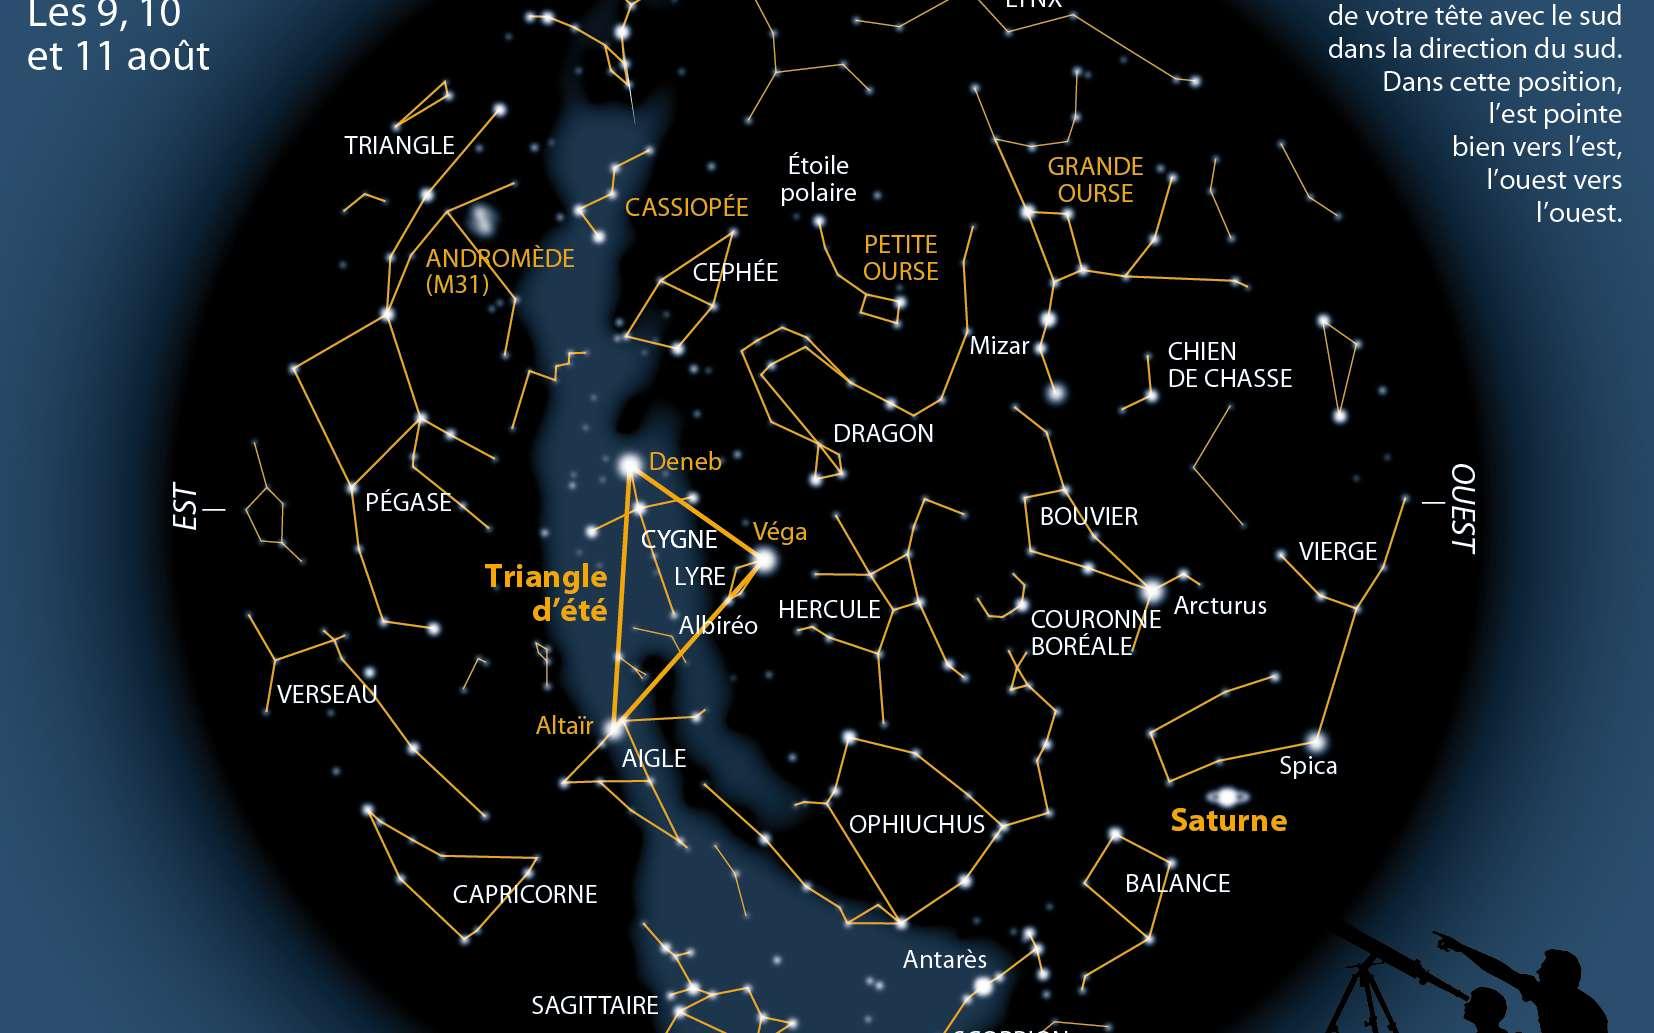 Une carte du ciel à observer pendant les 23e Nuits des étoiles. On peut par exemple voir indiqué le Triangle d'été (Véga, Altaïr, Deneb). © Idé